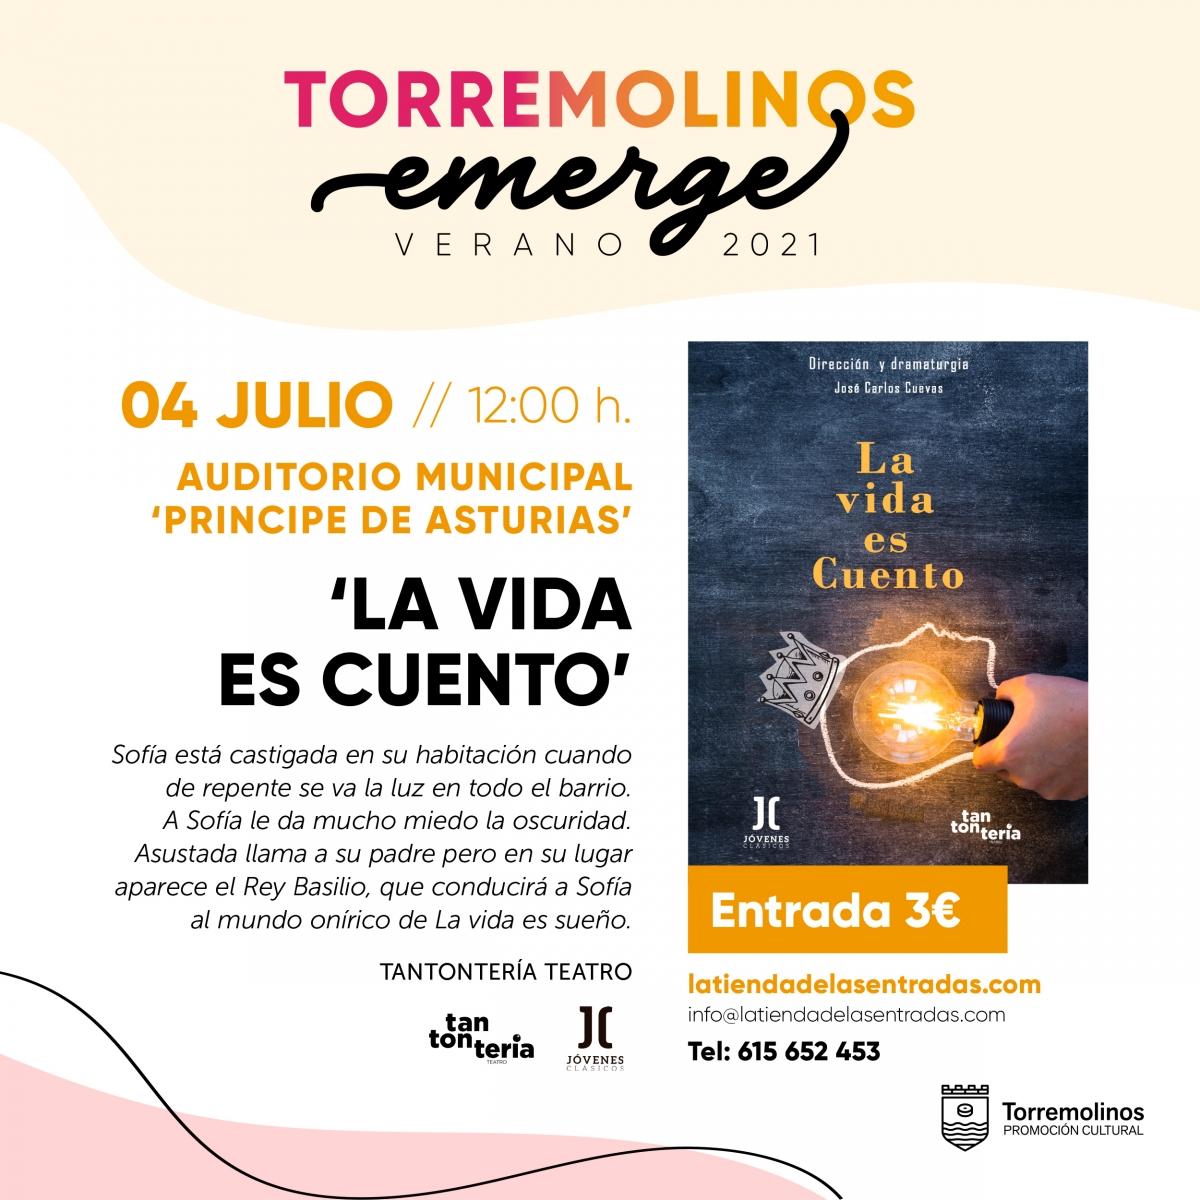 20210625181618_events_314_torremolinos-emerge-rrss-4-julio.jpg